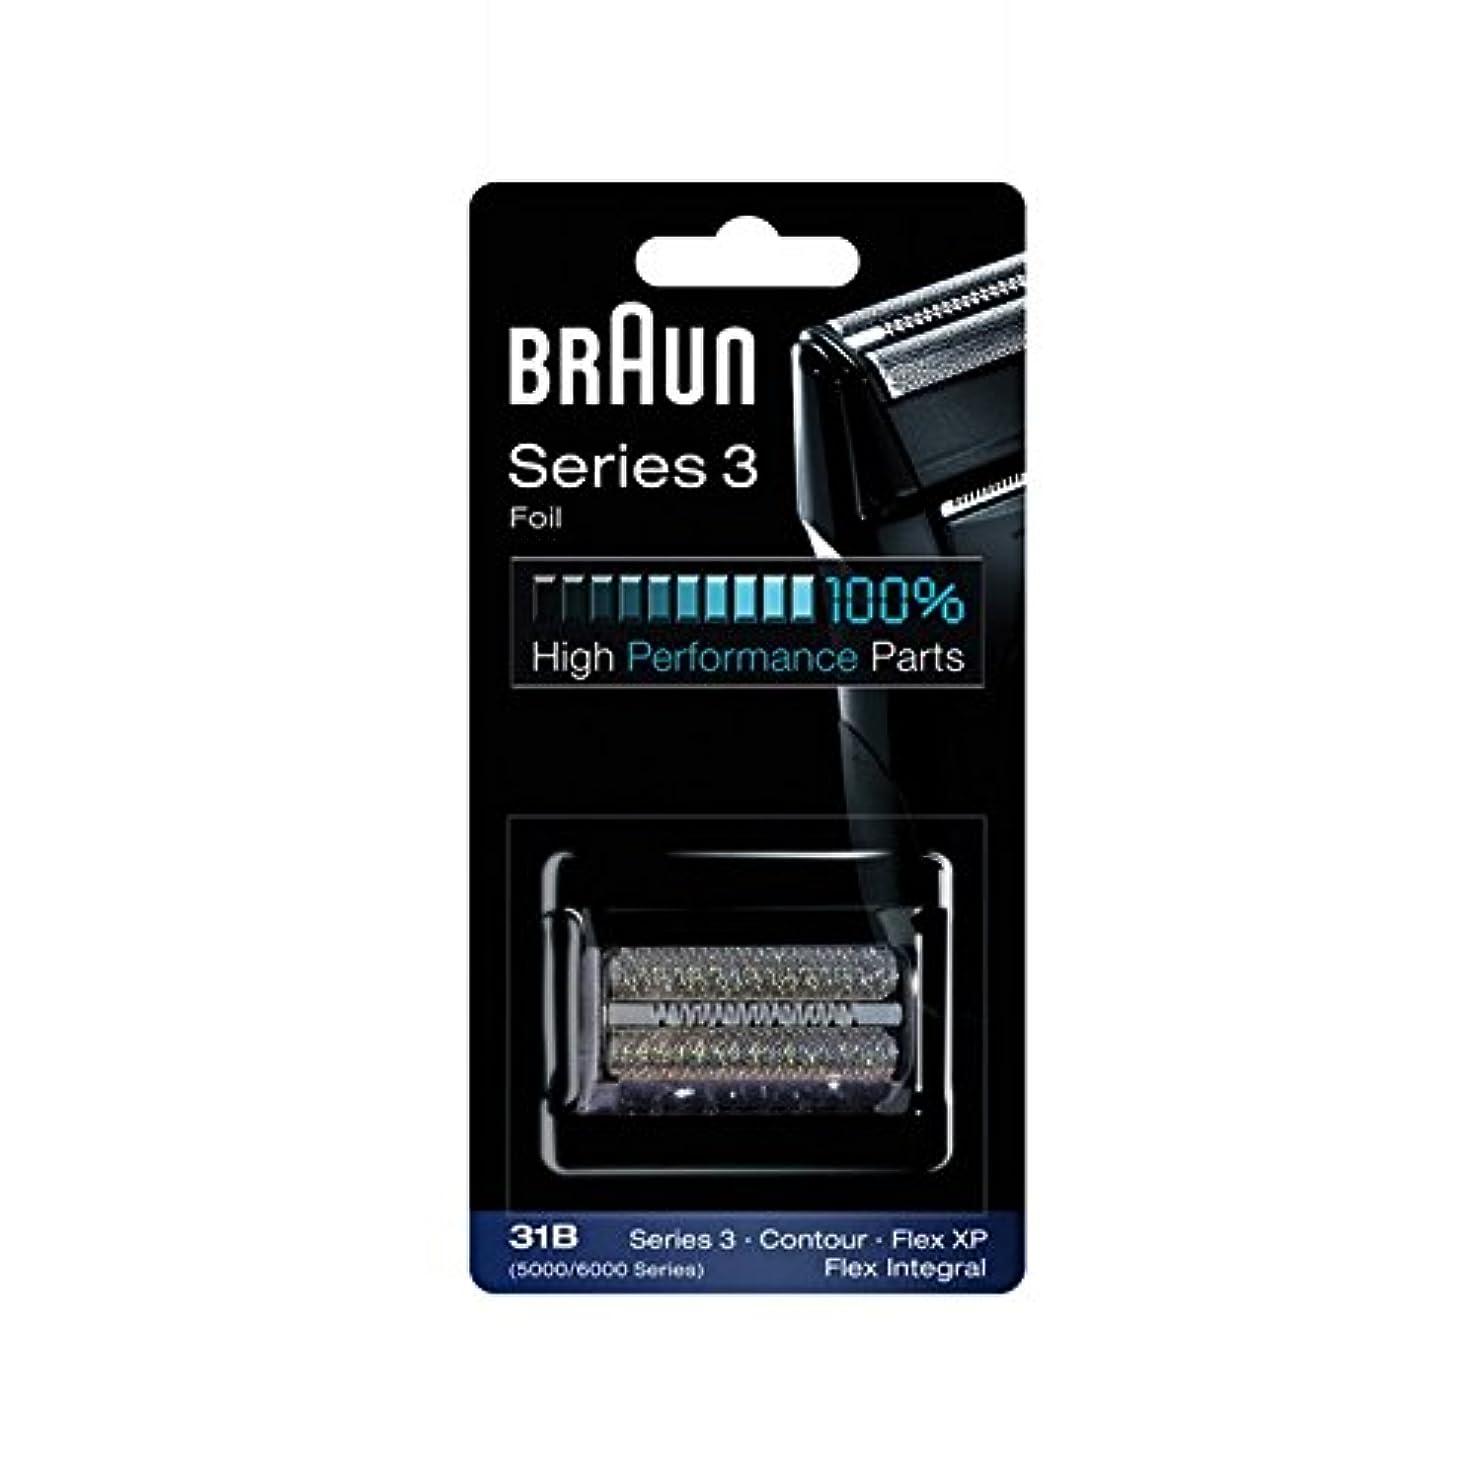 クリーナー離れて成分[Only Foil] Braun 31B それが唯一のシェーバー箔を含む箔(含まれないものカッター) [並行輸入品]